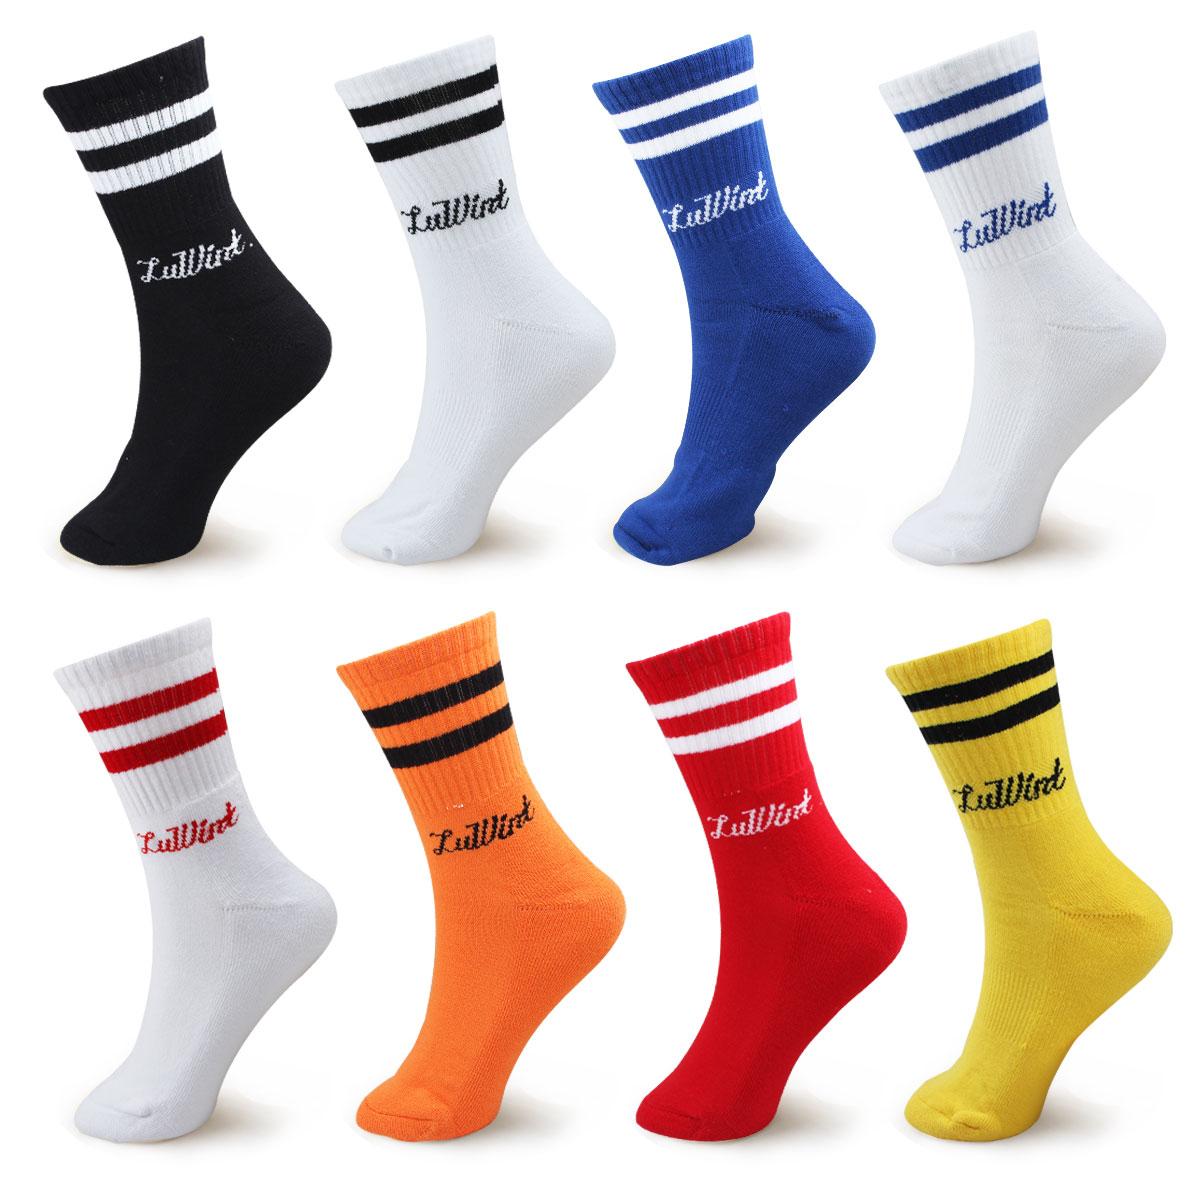 包邮 Luwint足球袜加厚毛巾底足球中筒短袜 运动袜篮球袜羽毛球袜